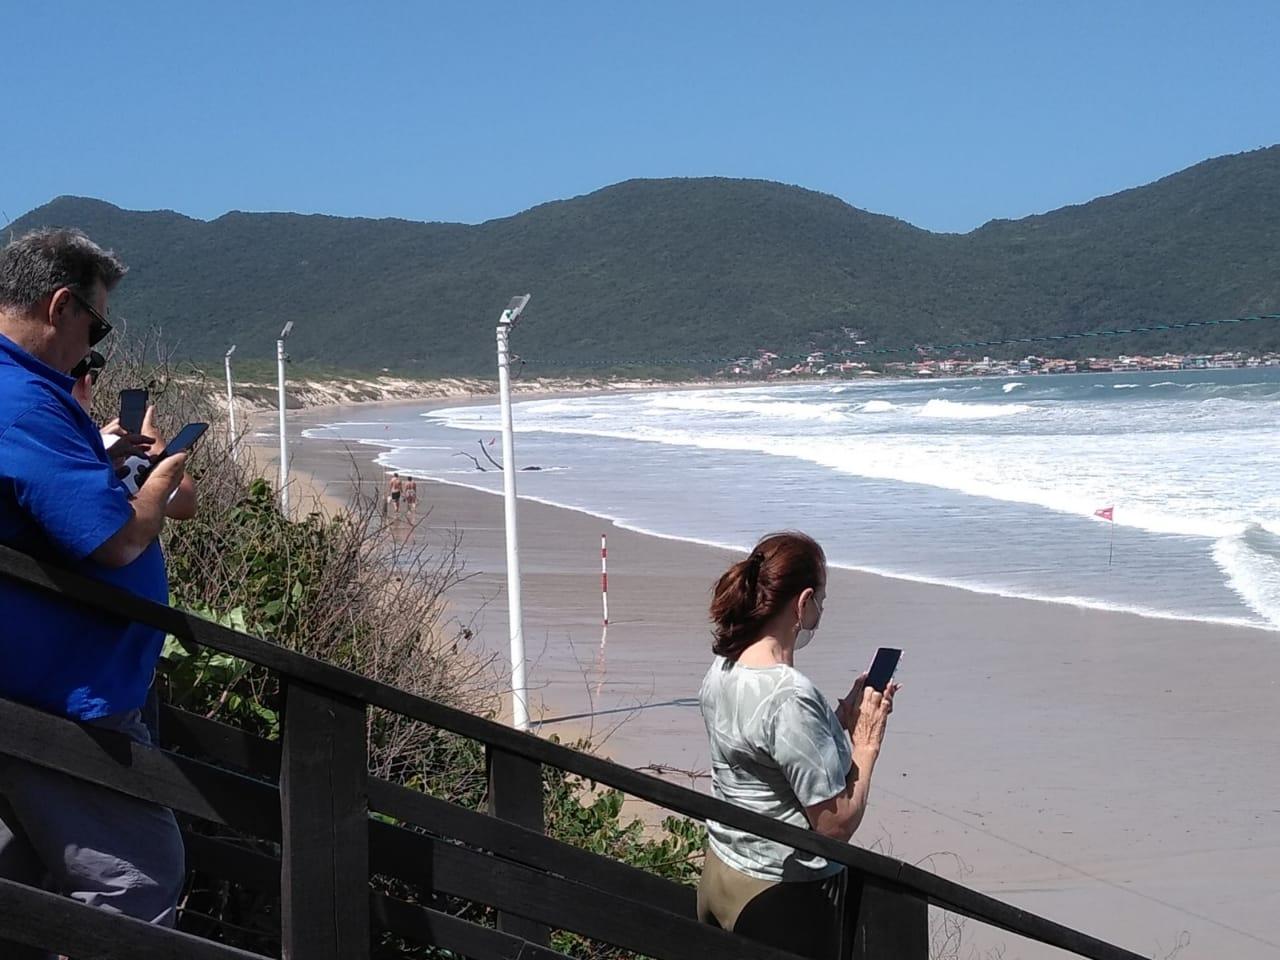 Ventos do quadrante sul elevam o nível do oceano - Andréa da Luz/Divulgação/ND